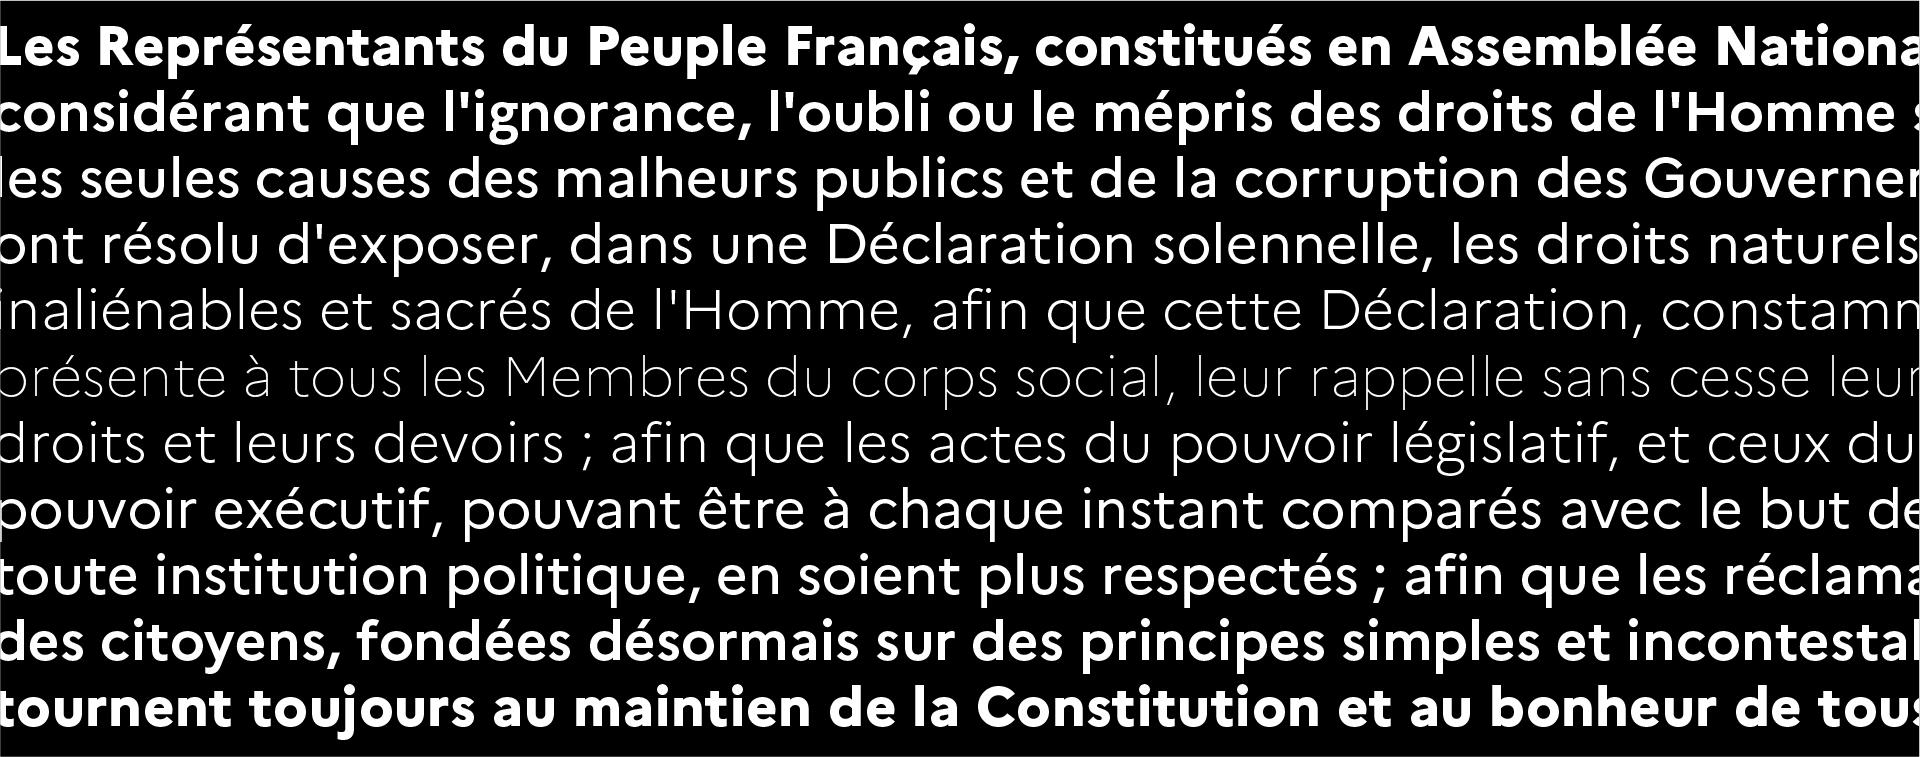 Spécimen de la Marianne, la nouvelle typographie de l'État Français reprenant la déclaration des droits de l'homme et du citoyen